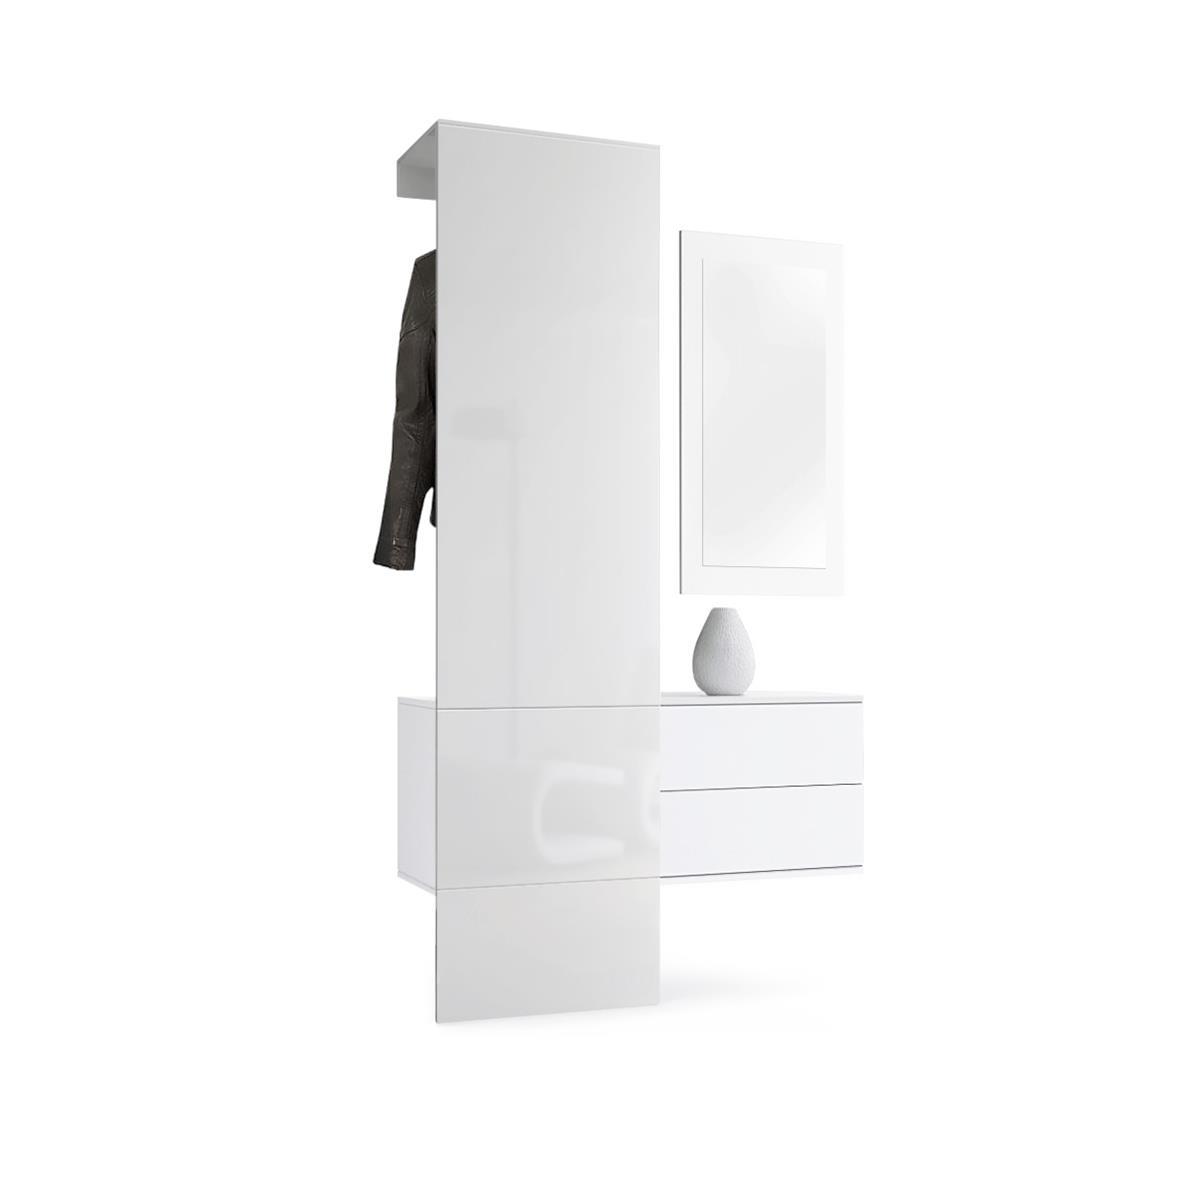 garderobe carlton set 2 inkl spiegel inkl schubladen vladon m bel. Black Bedroom Furniture Sets. Home Design Ideas